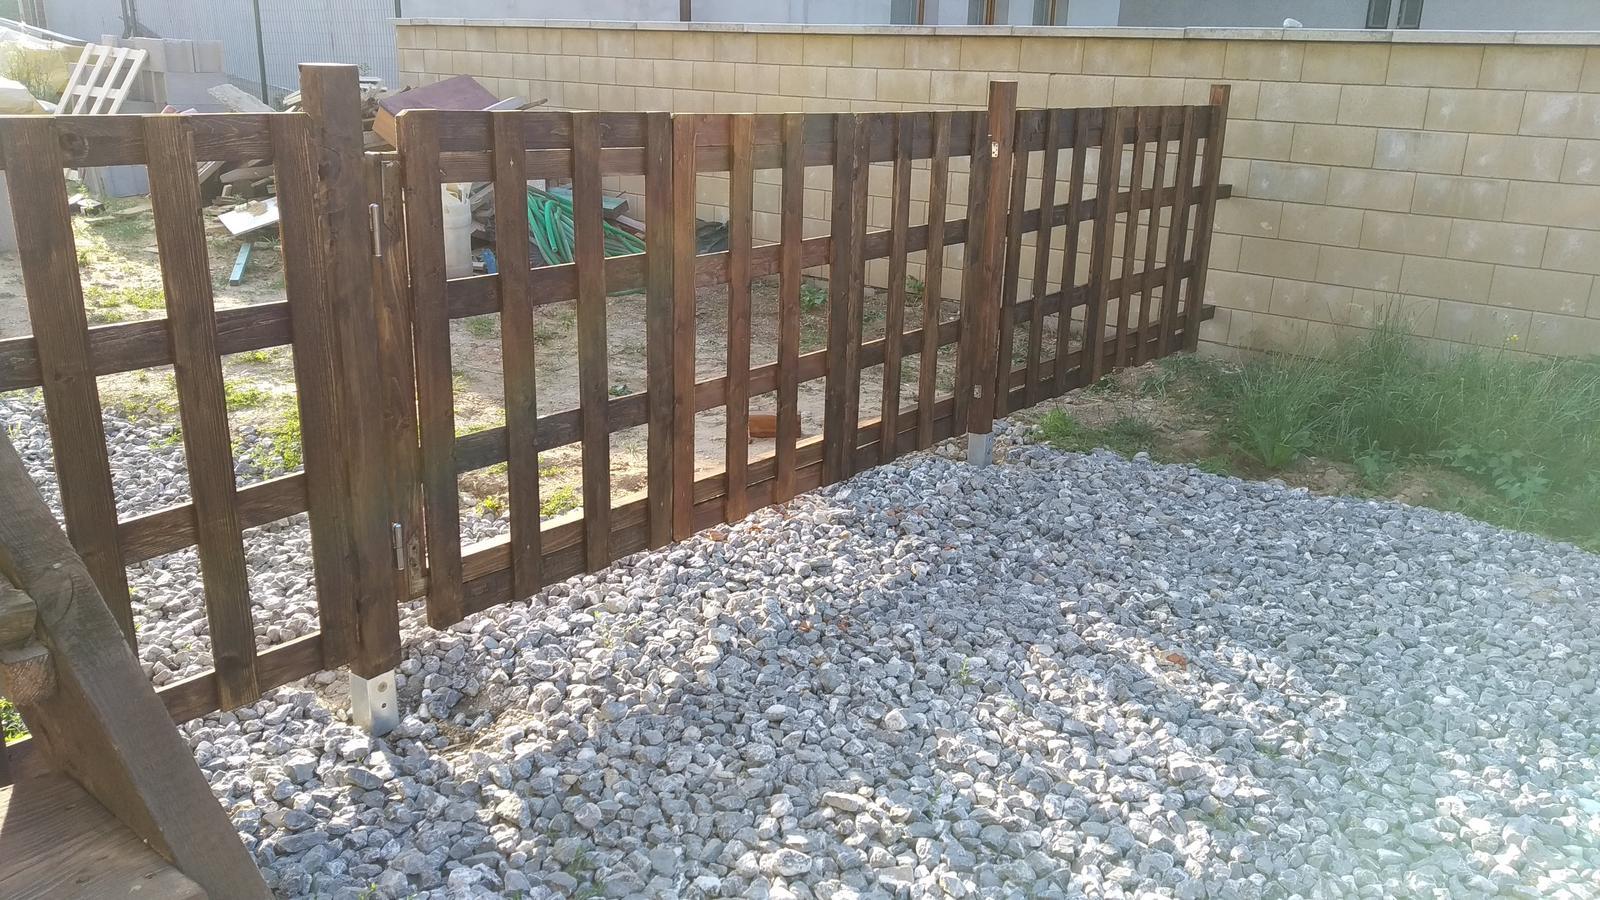 Rekonštrukcia veľmi starej stavby :) - aj plot sme pozliepali zatiaľ erárny, viac menej z dreveného odpadu... aj tak mám pocit že kým zrovnáme terén a našetríme čo to, chvíľu ho mať budeme :)